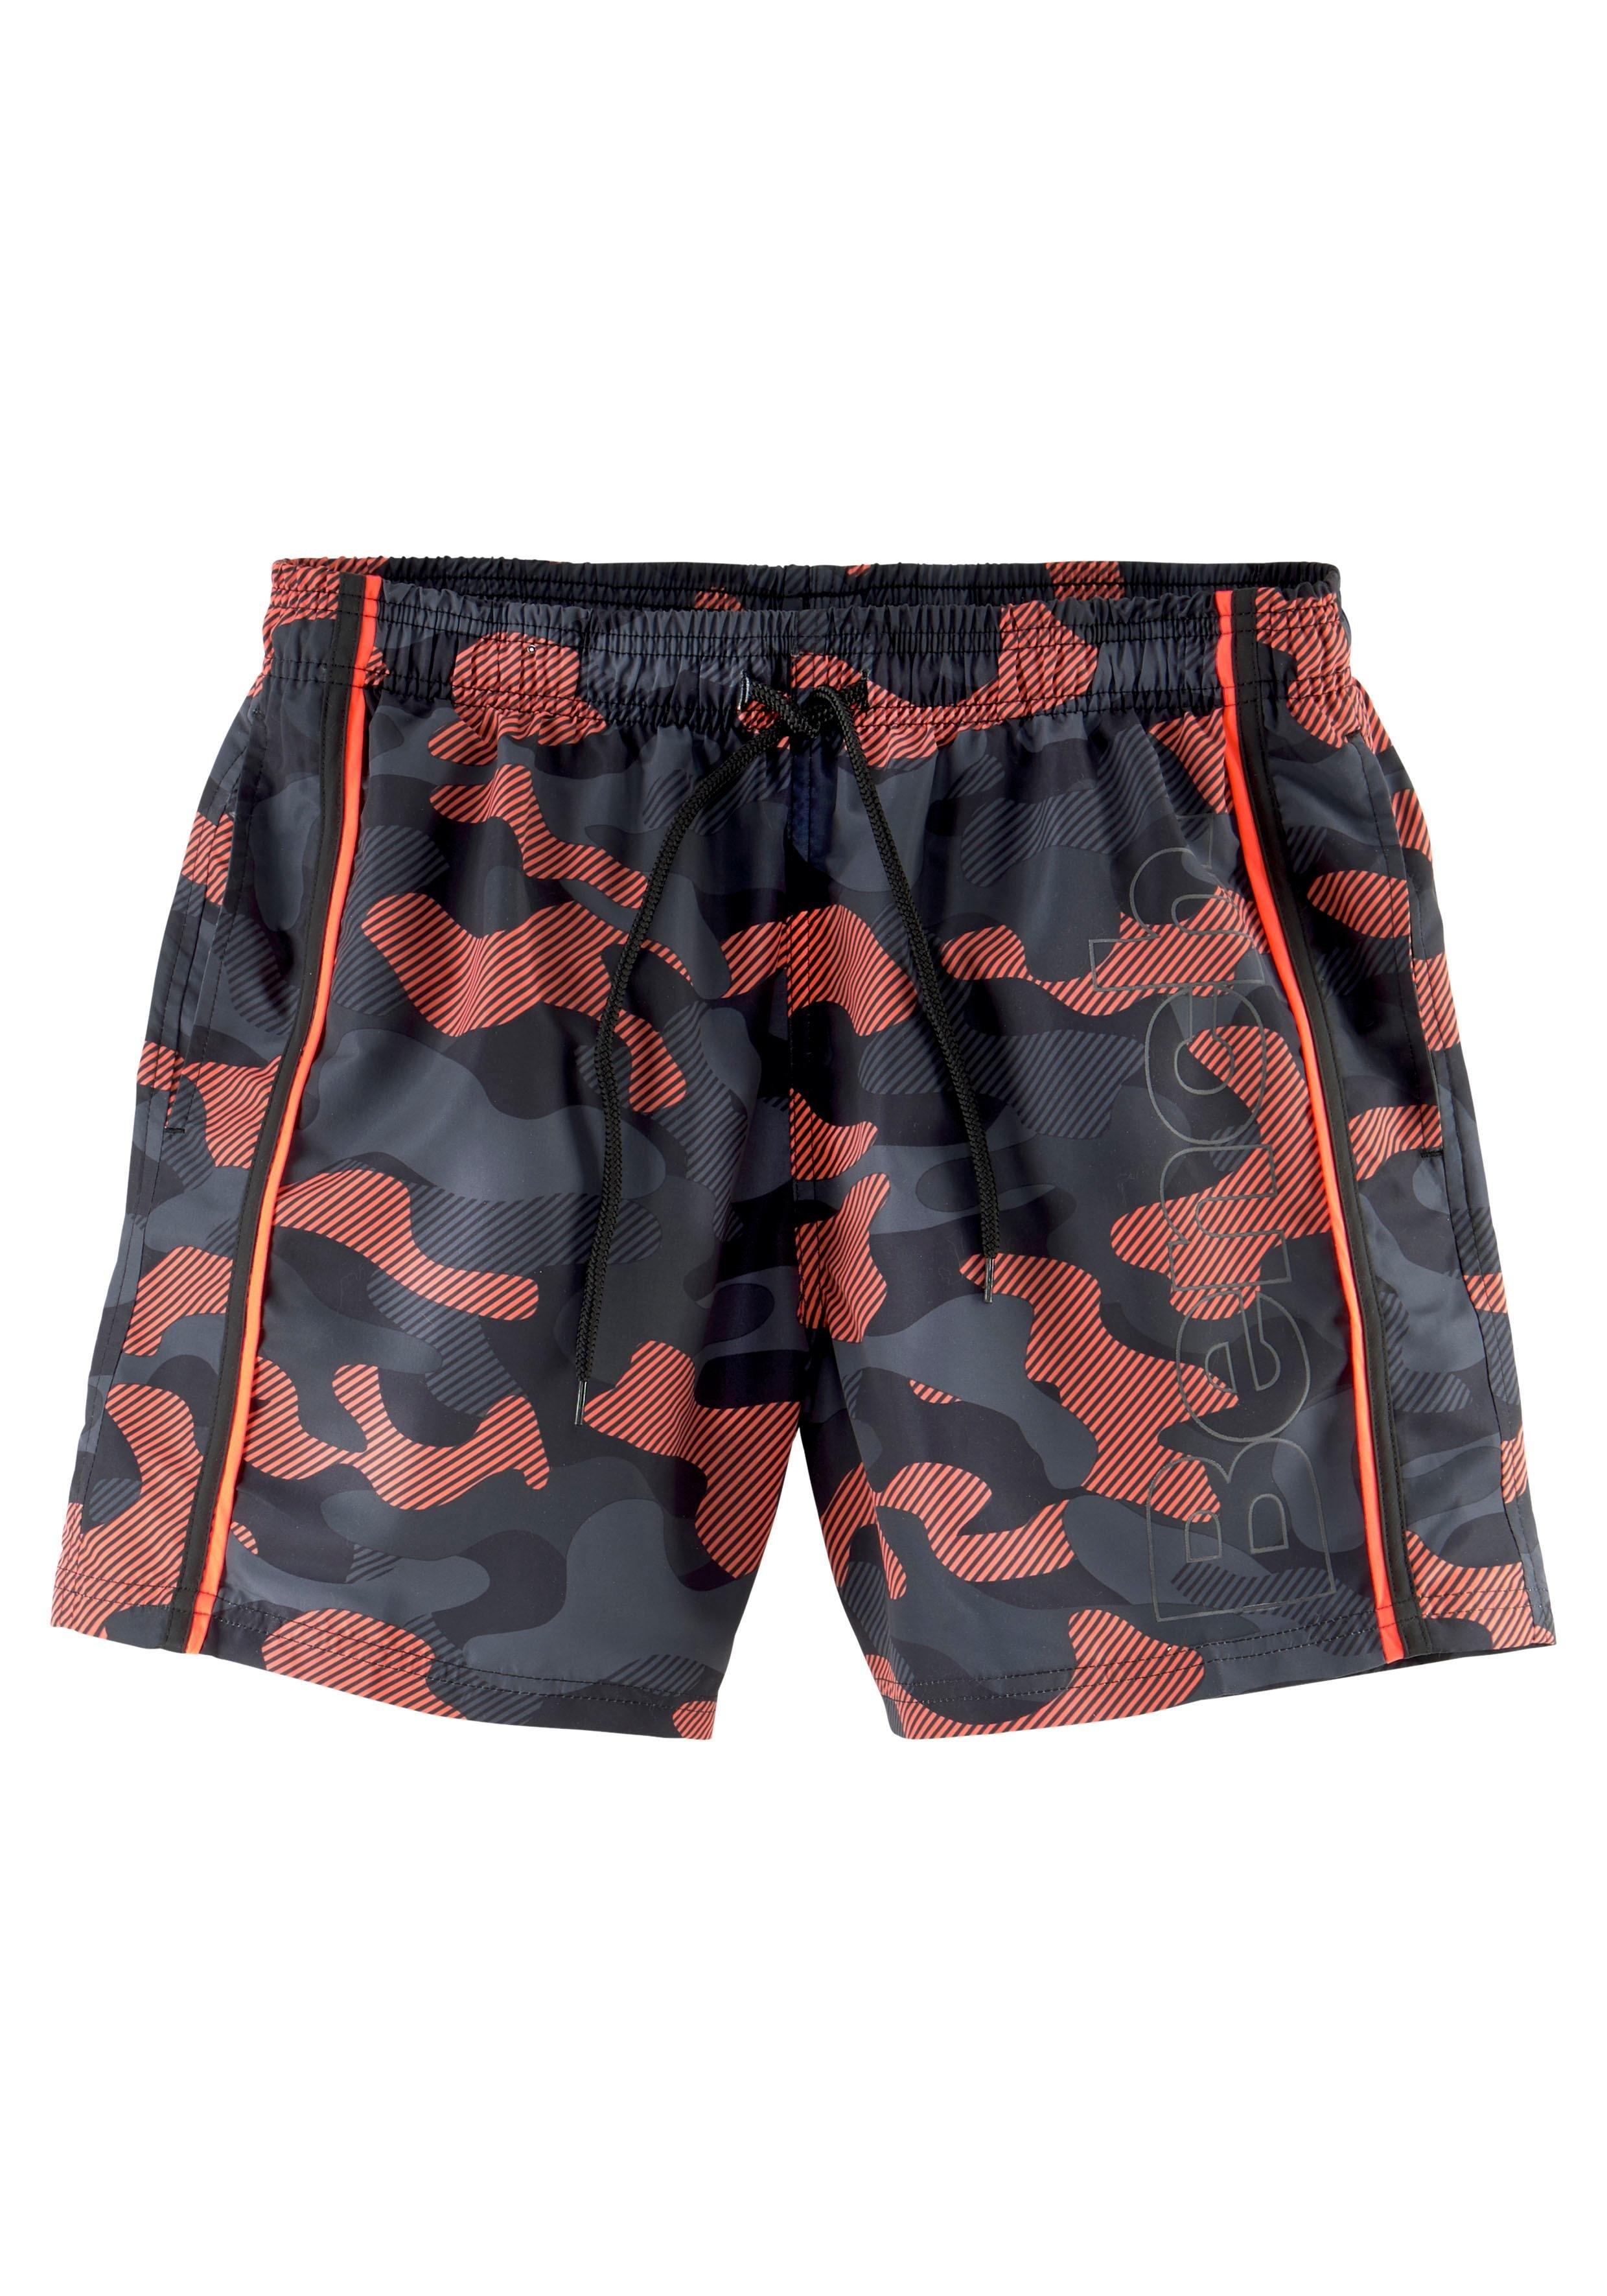 Bench. zwemshort camouflagekleur voordelig en veilig online kopen